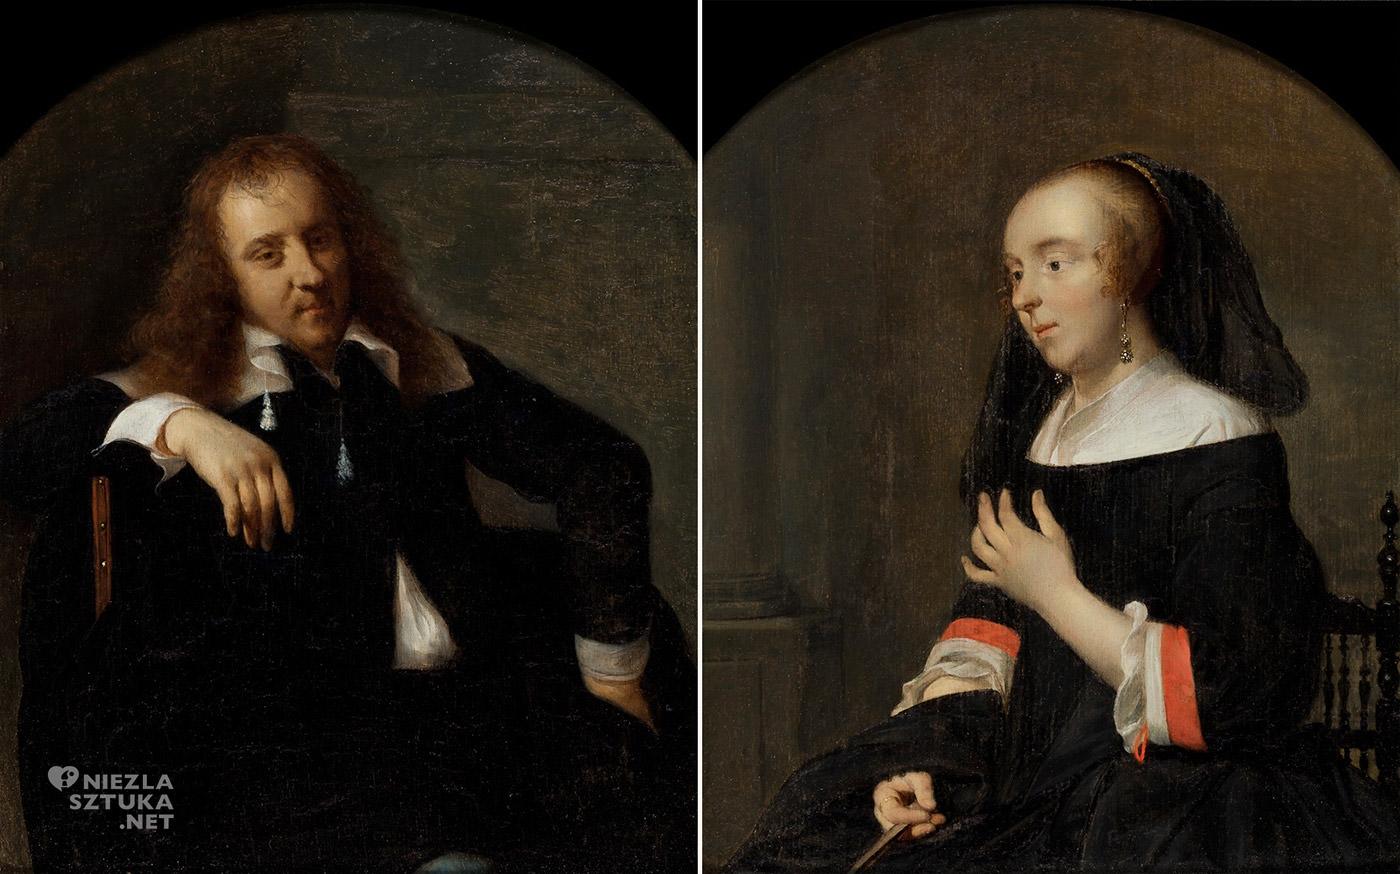 Gabriël Metsu, Autoportret, Portret żony artysty, Isabella de Wolff, sztuka niderlandzka, Niezła Sztuka